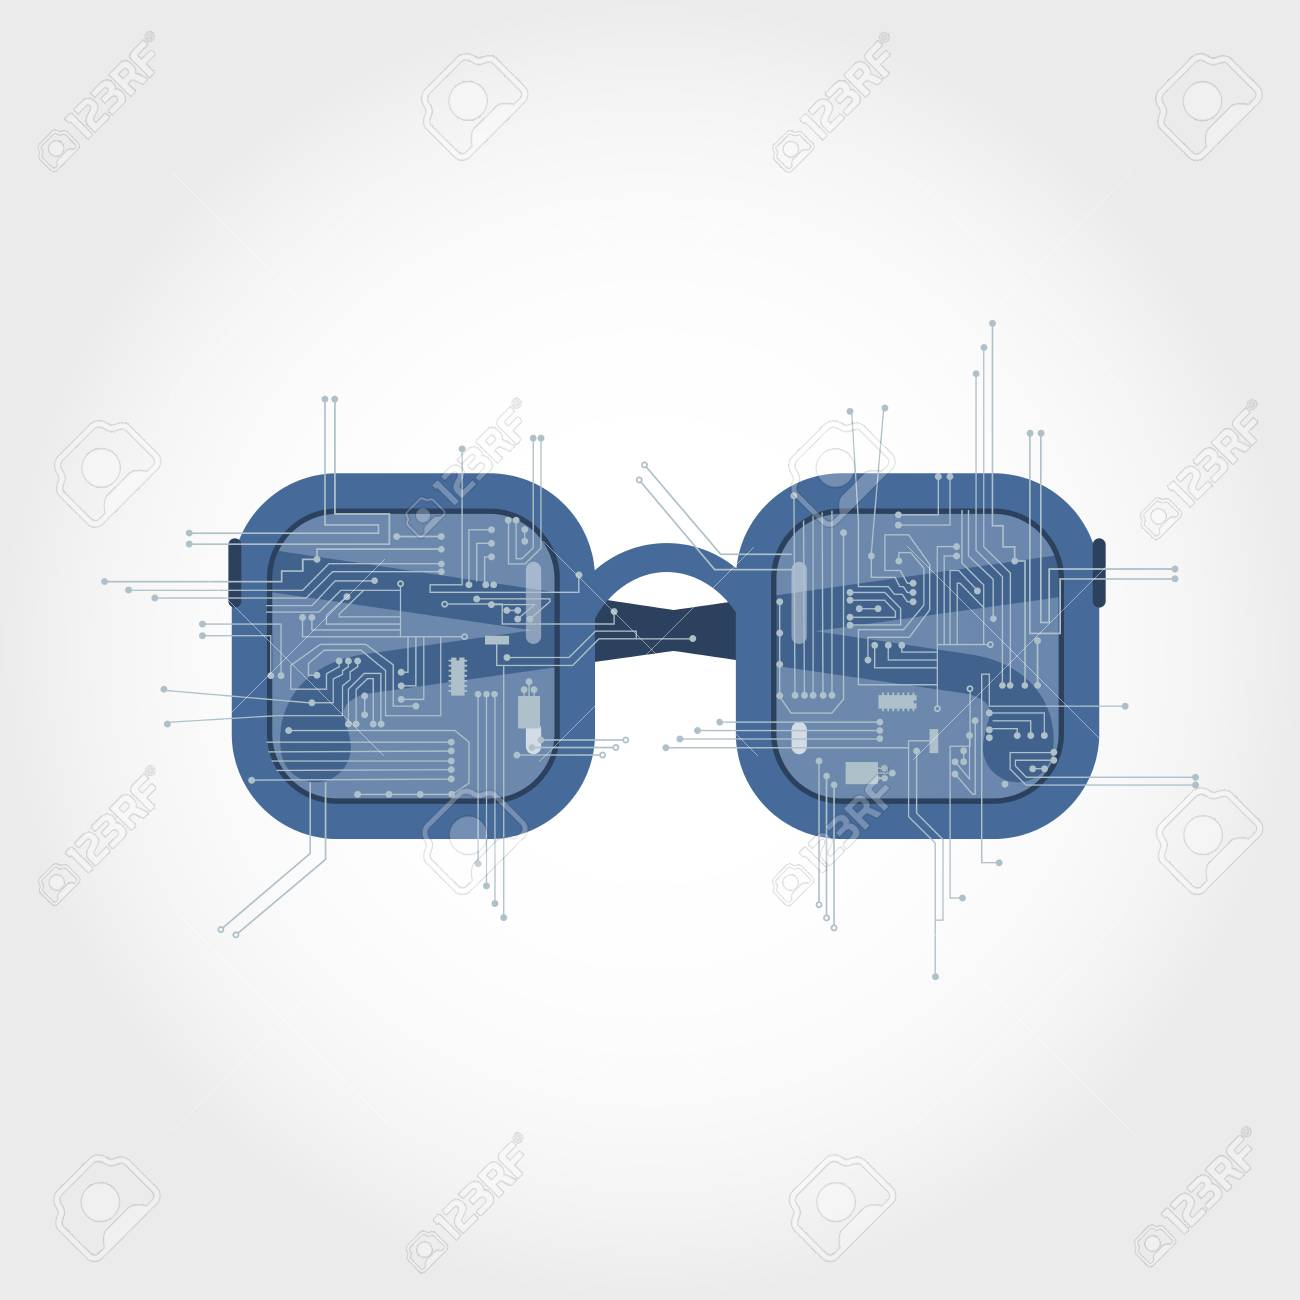 Circuito Electrónico De Ramificación De Unas Gafas. Gafas Futuristas ...